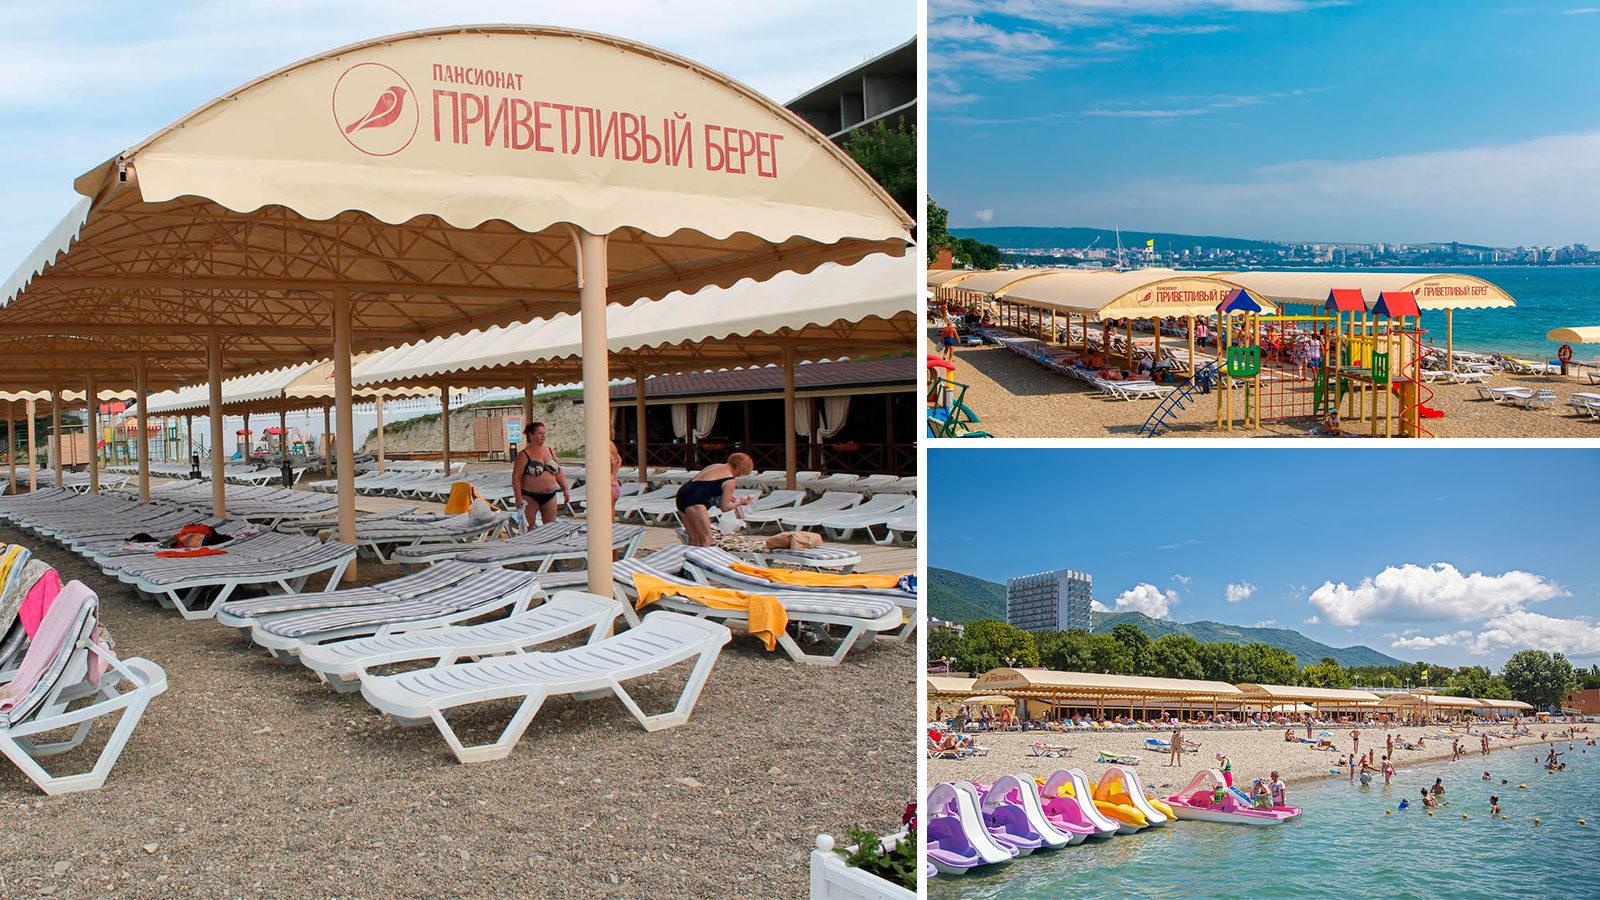 Пляж-Приветливый-берег